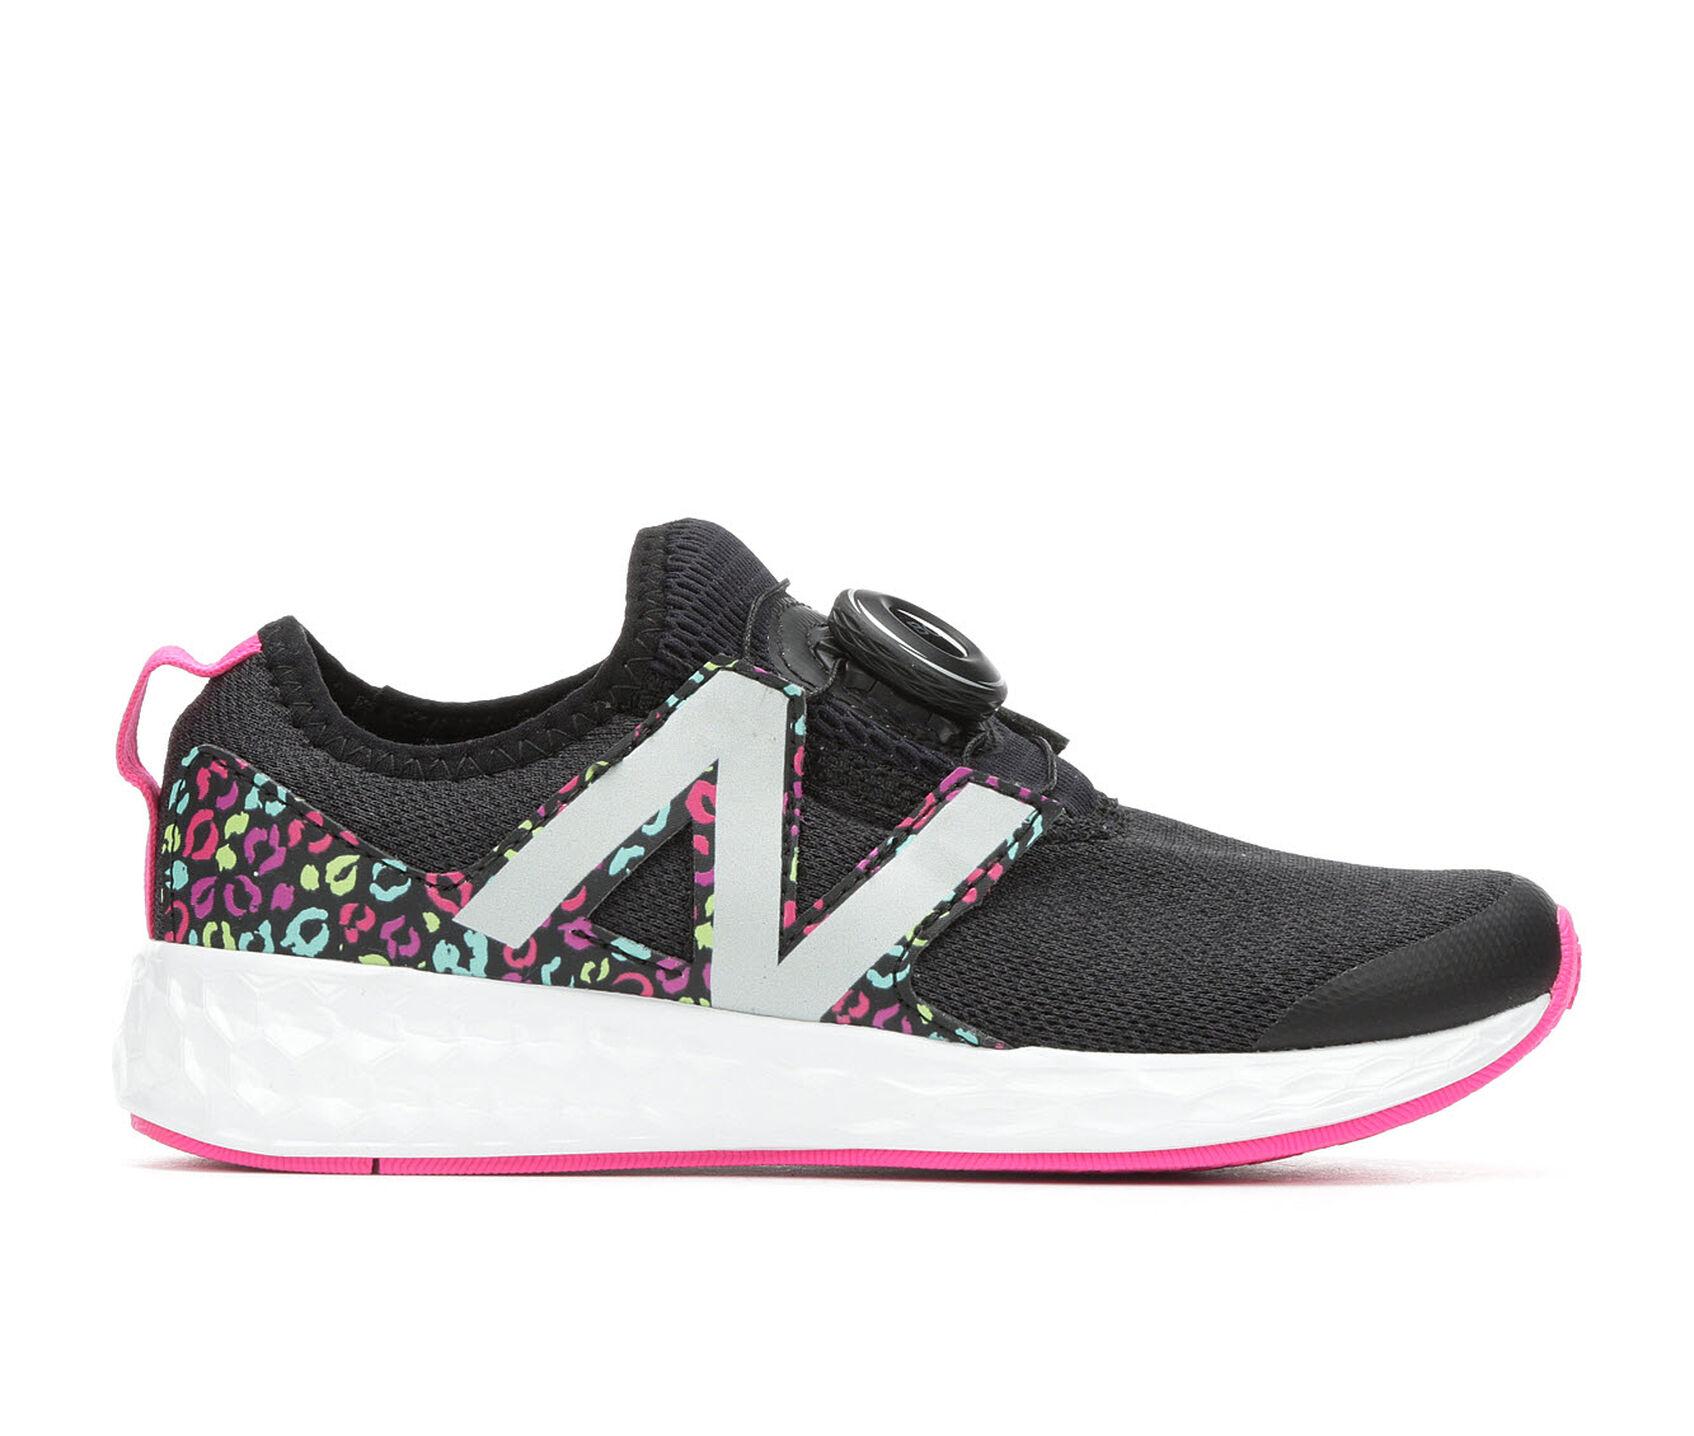 544abfb487 Girls' New Balance Little Kid PKNSPLV Slip-On Sneakers